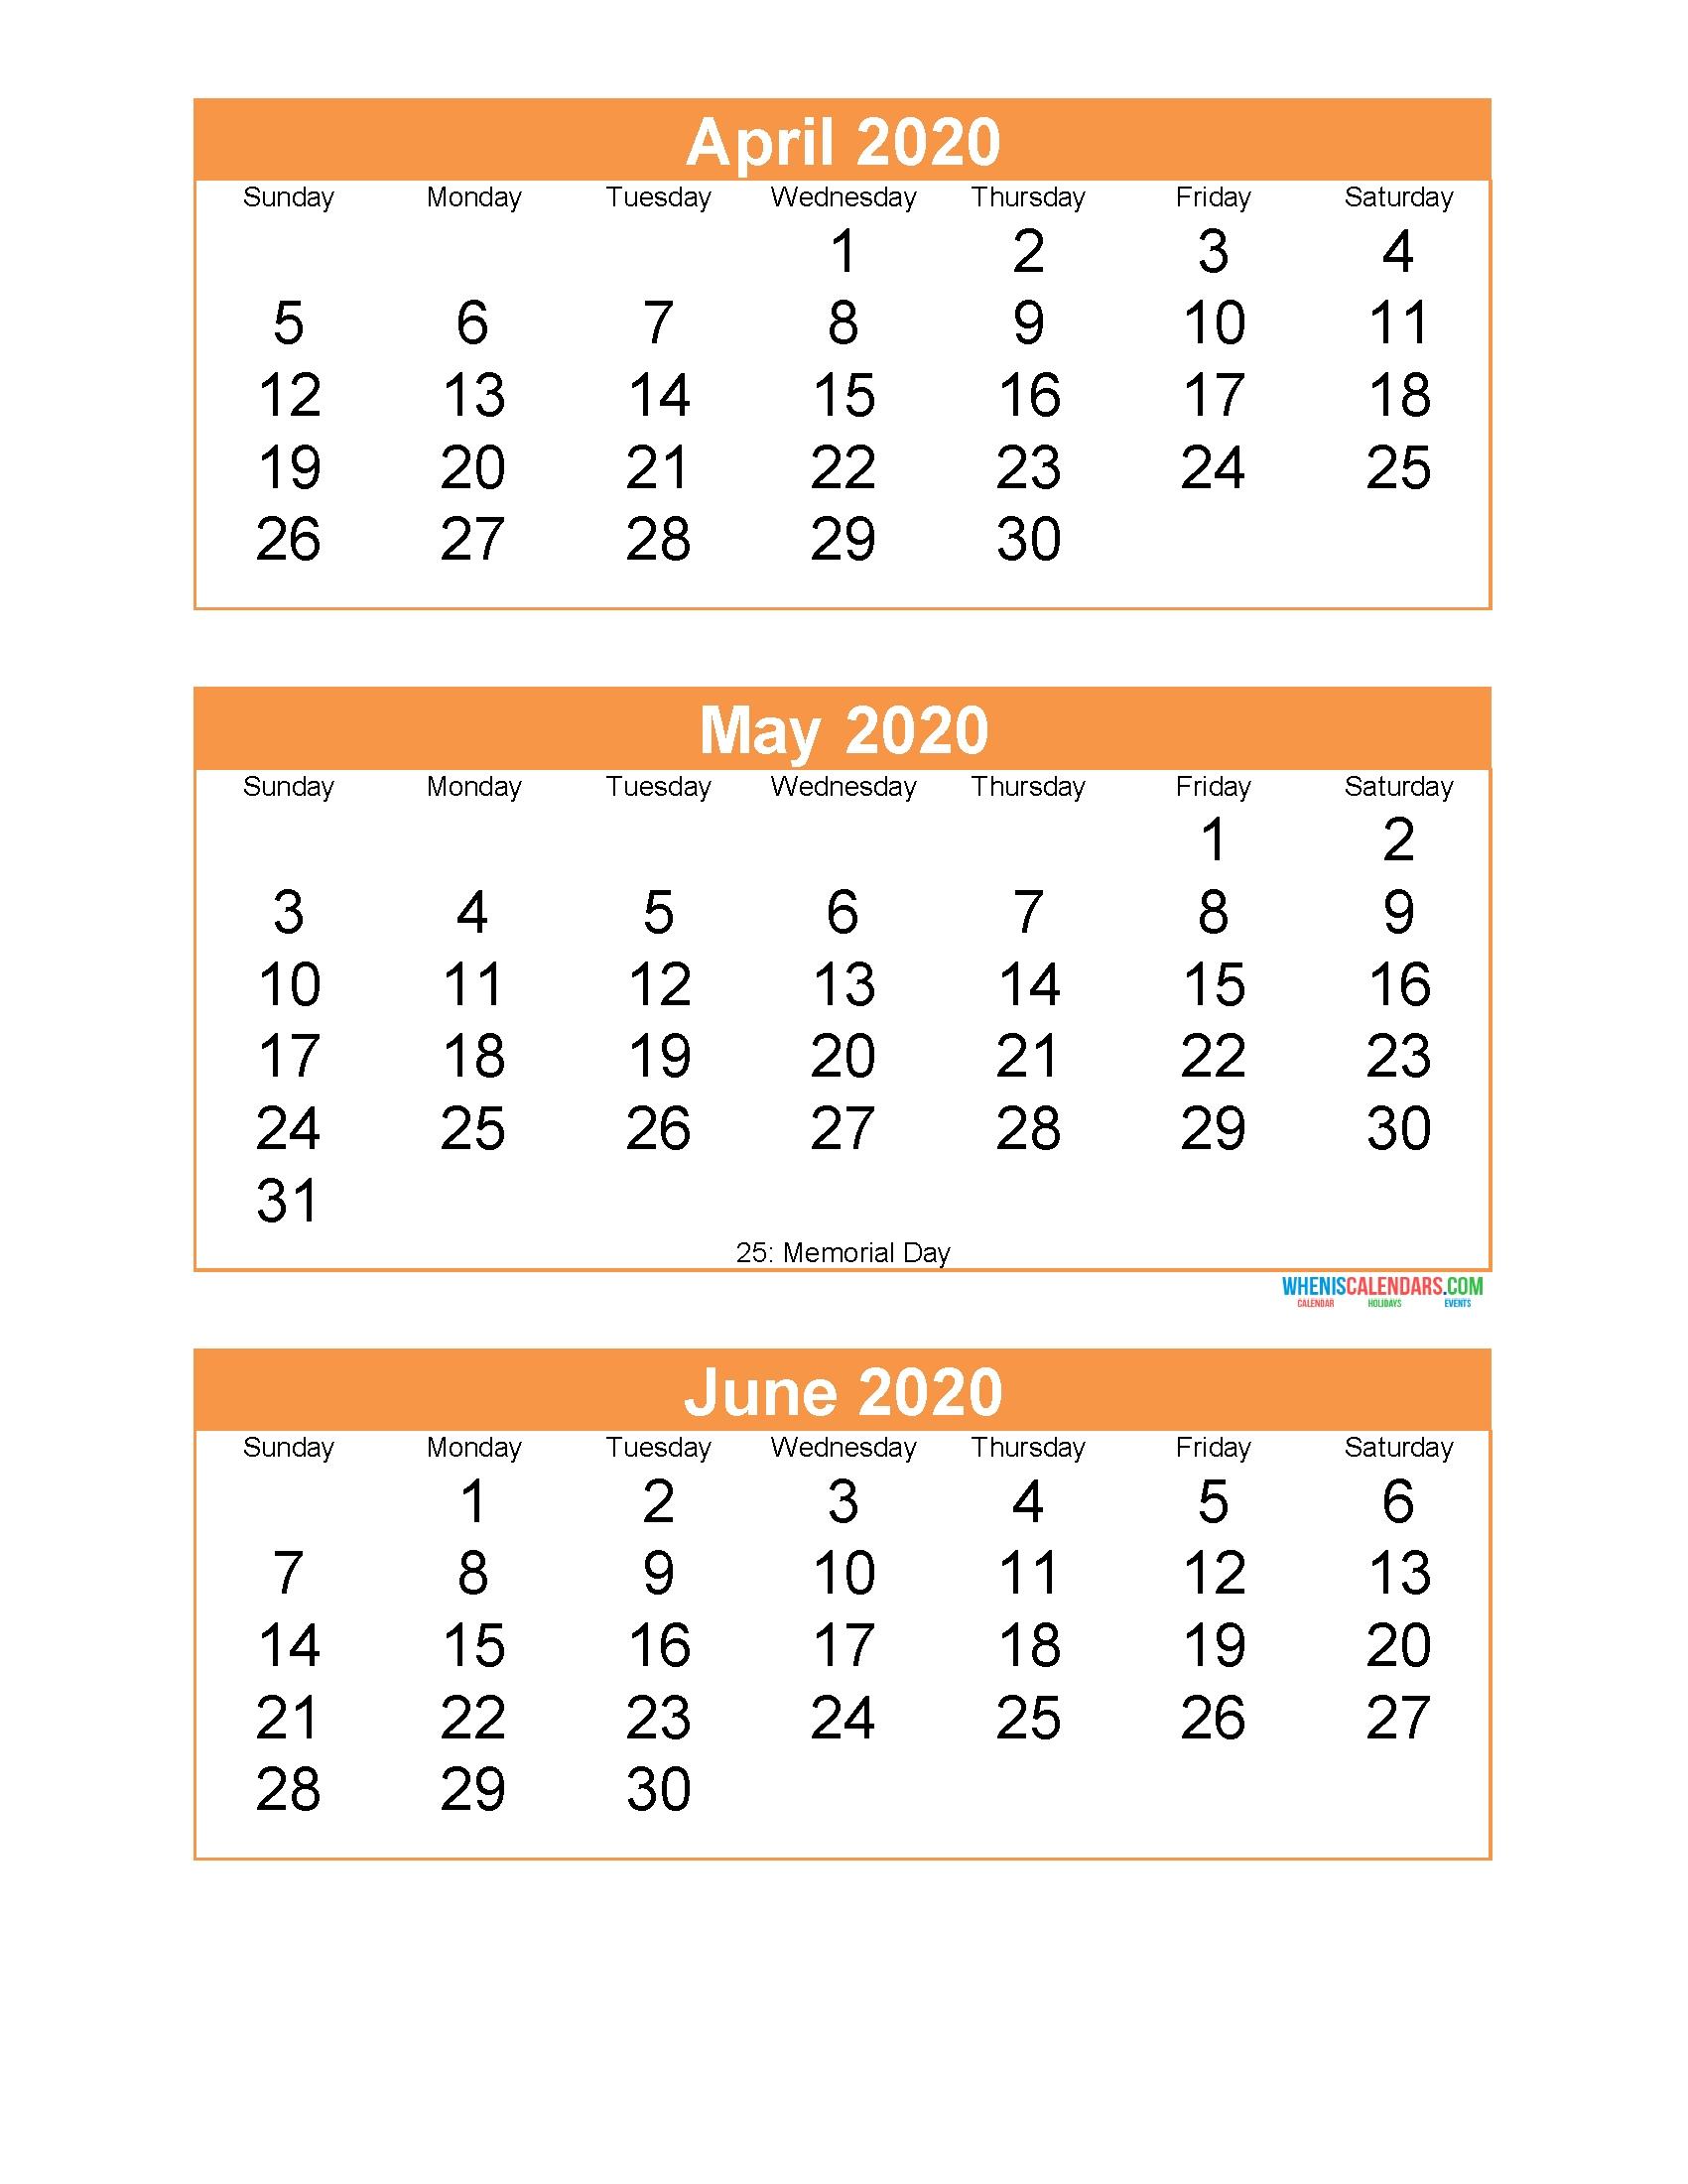 Free Printable 3 Month Calendar 2020 April May June | Free